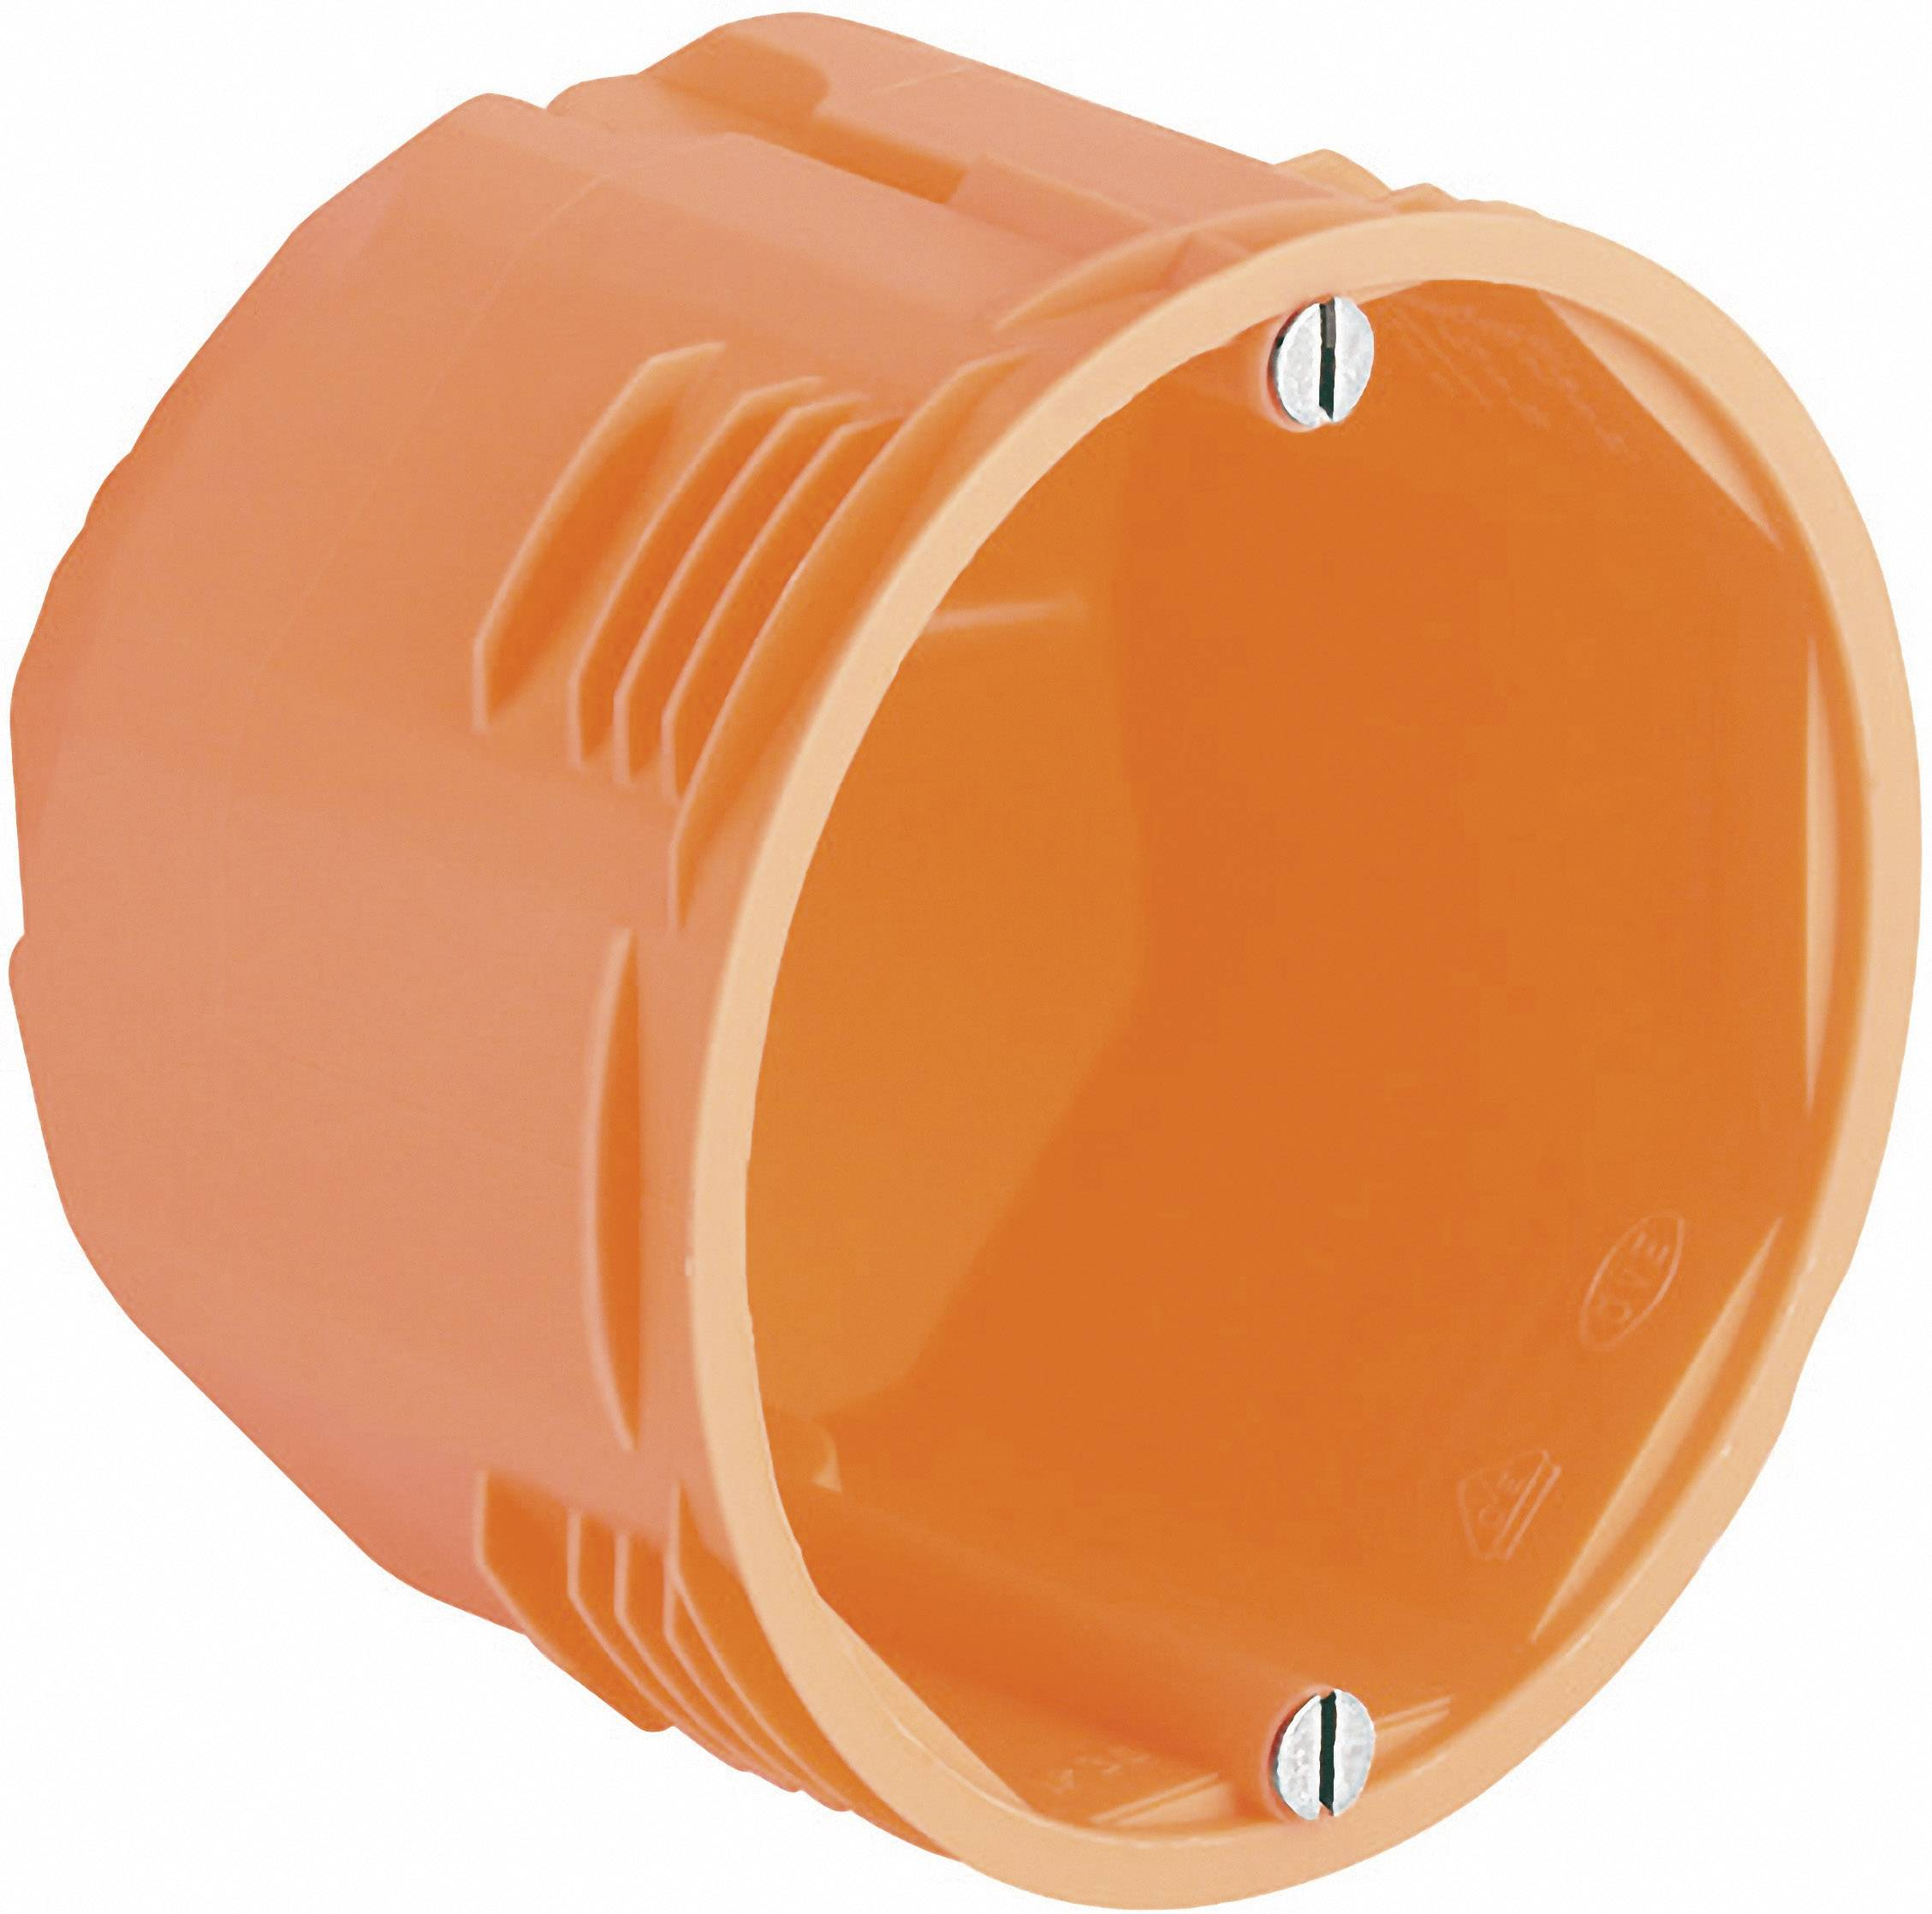 Inštalačná krabica Kaiser Elektro, 9066-12, pre inštaláciu do masívneho dreva, 68 x 65 mm, oranžová